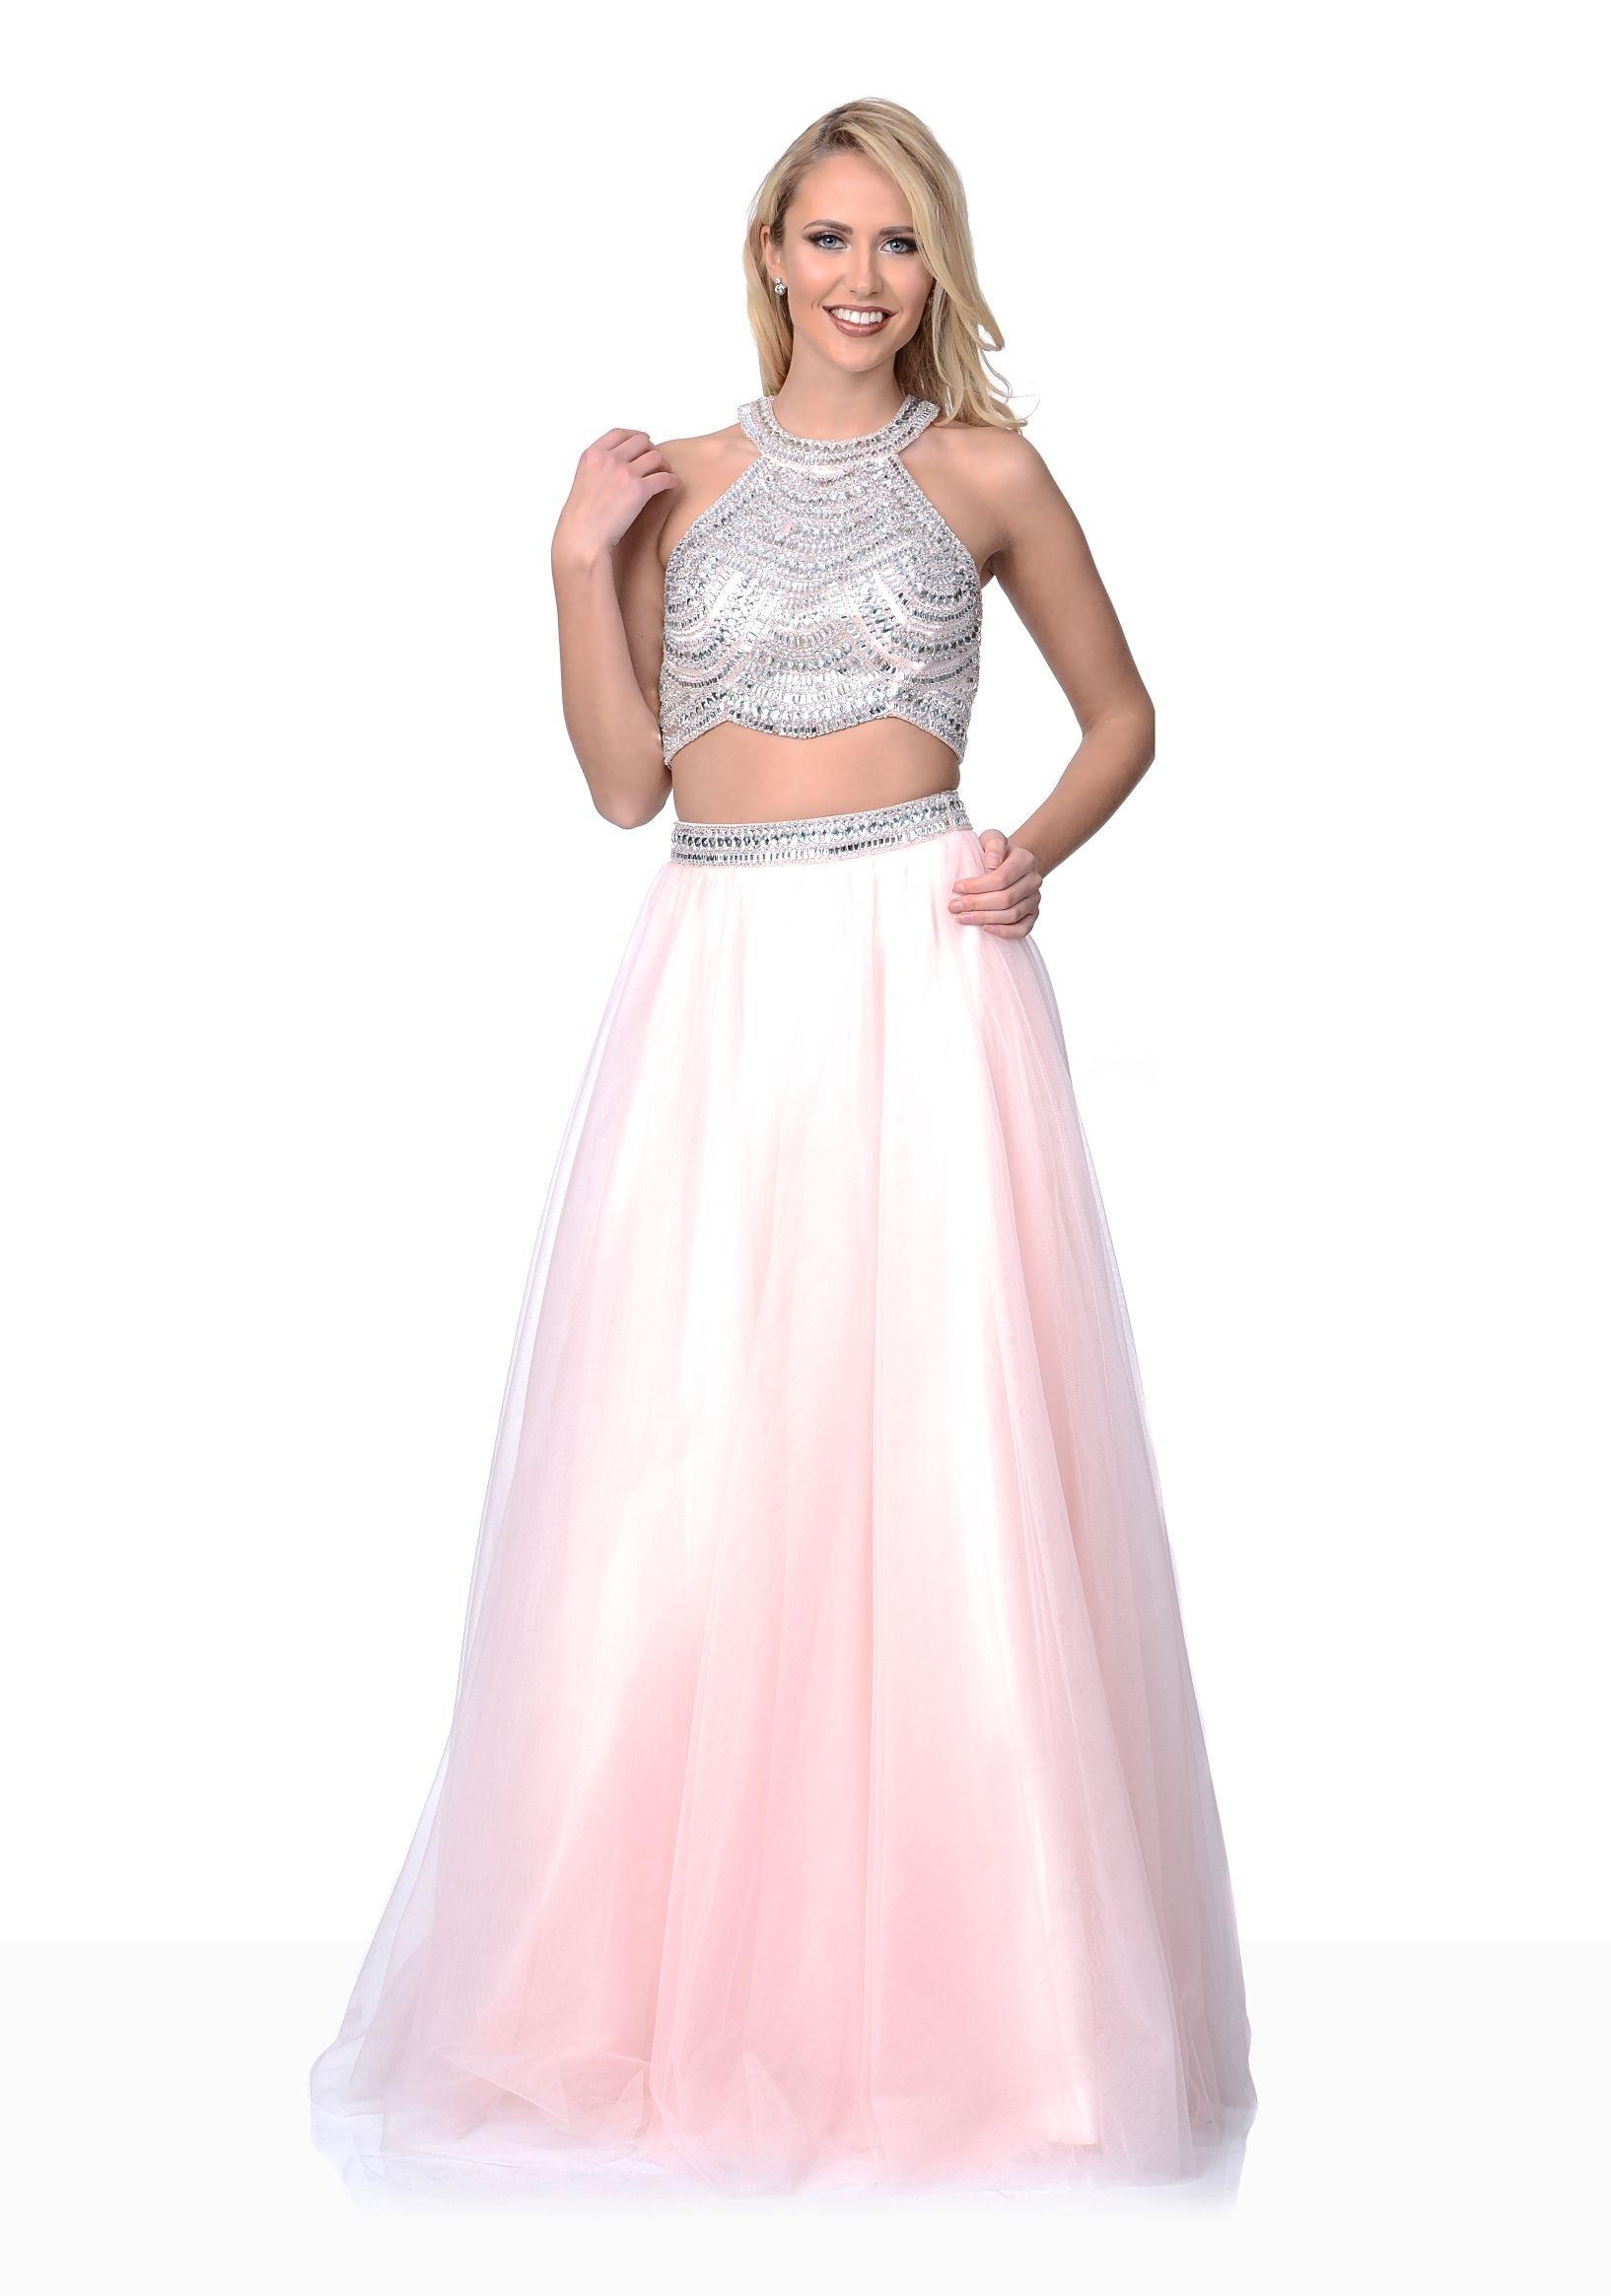 13 Fantastisch Abendkleid Elegant Lang Spezialgebiet13 Großartig Abendkleid Elegant Lang Vertrieb